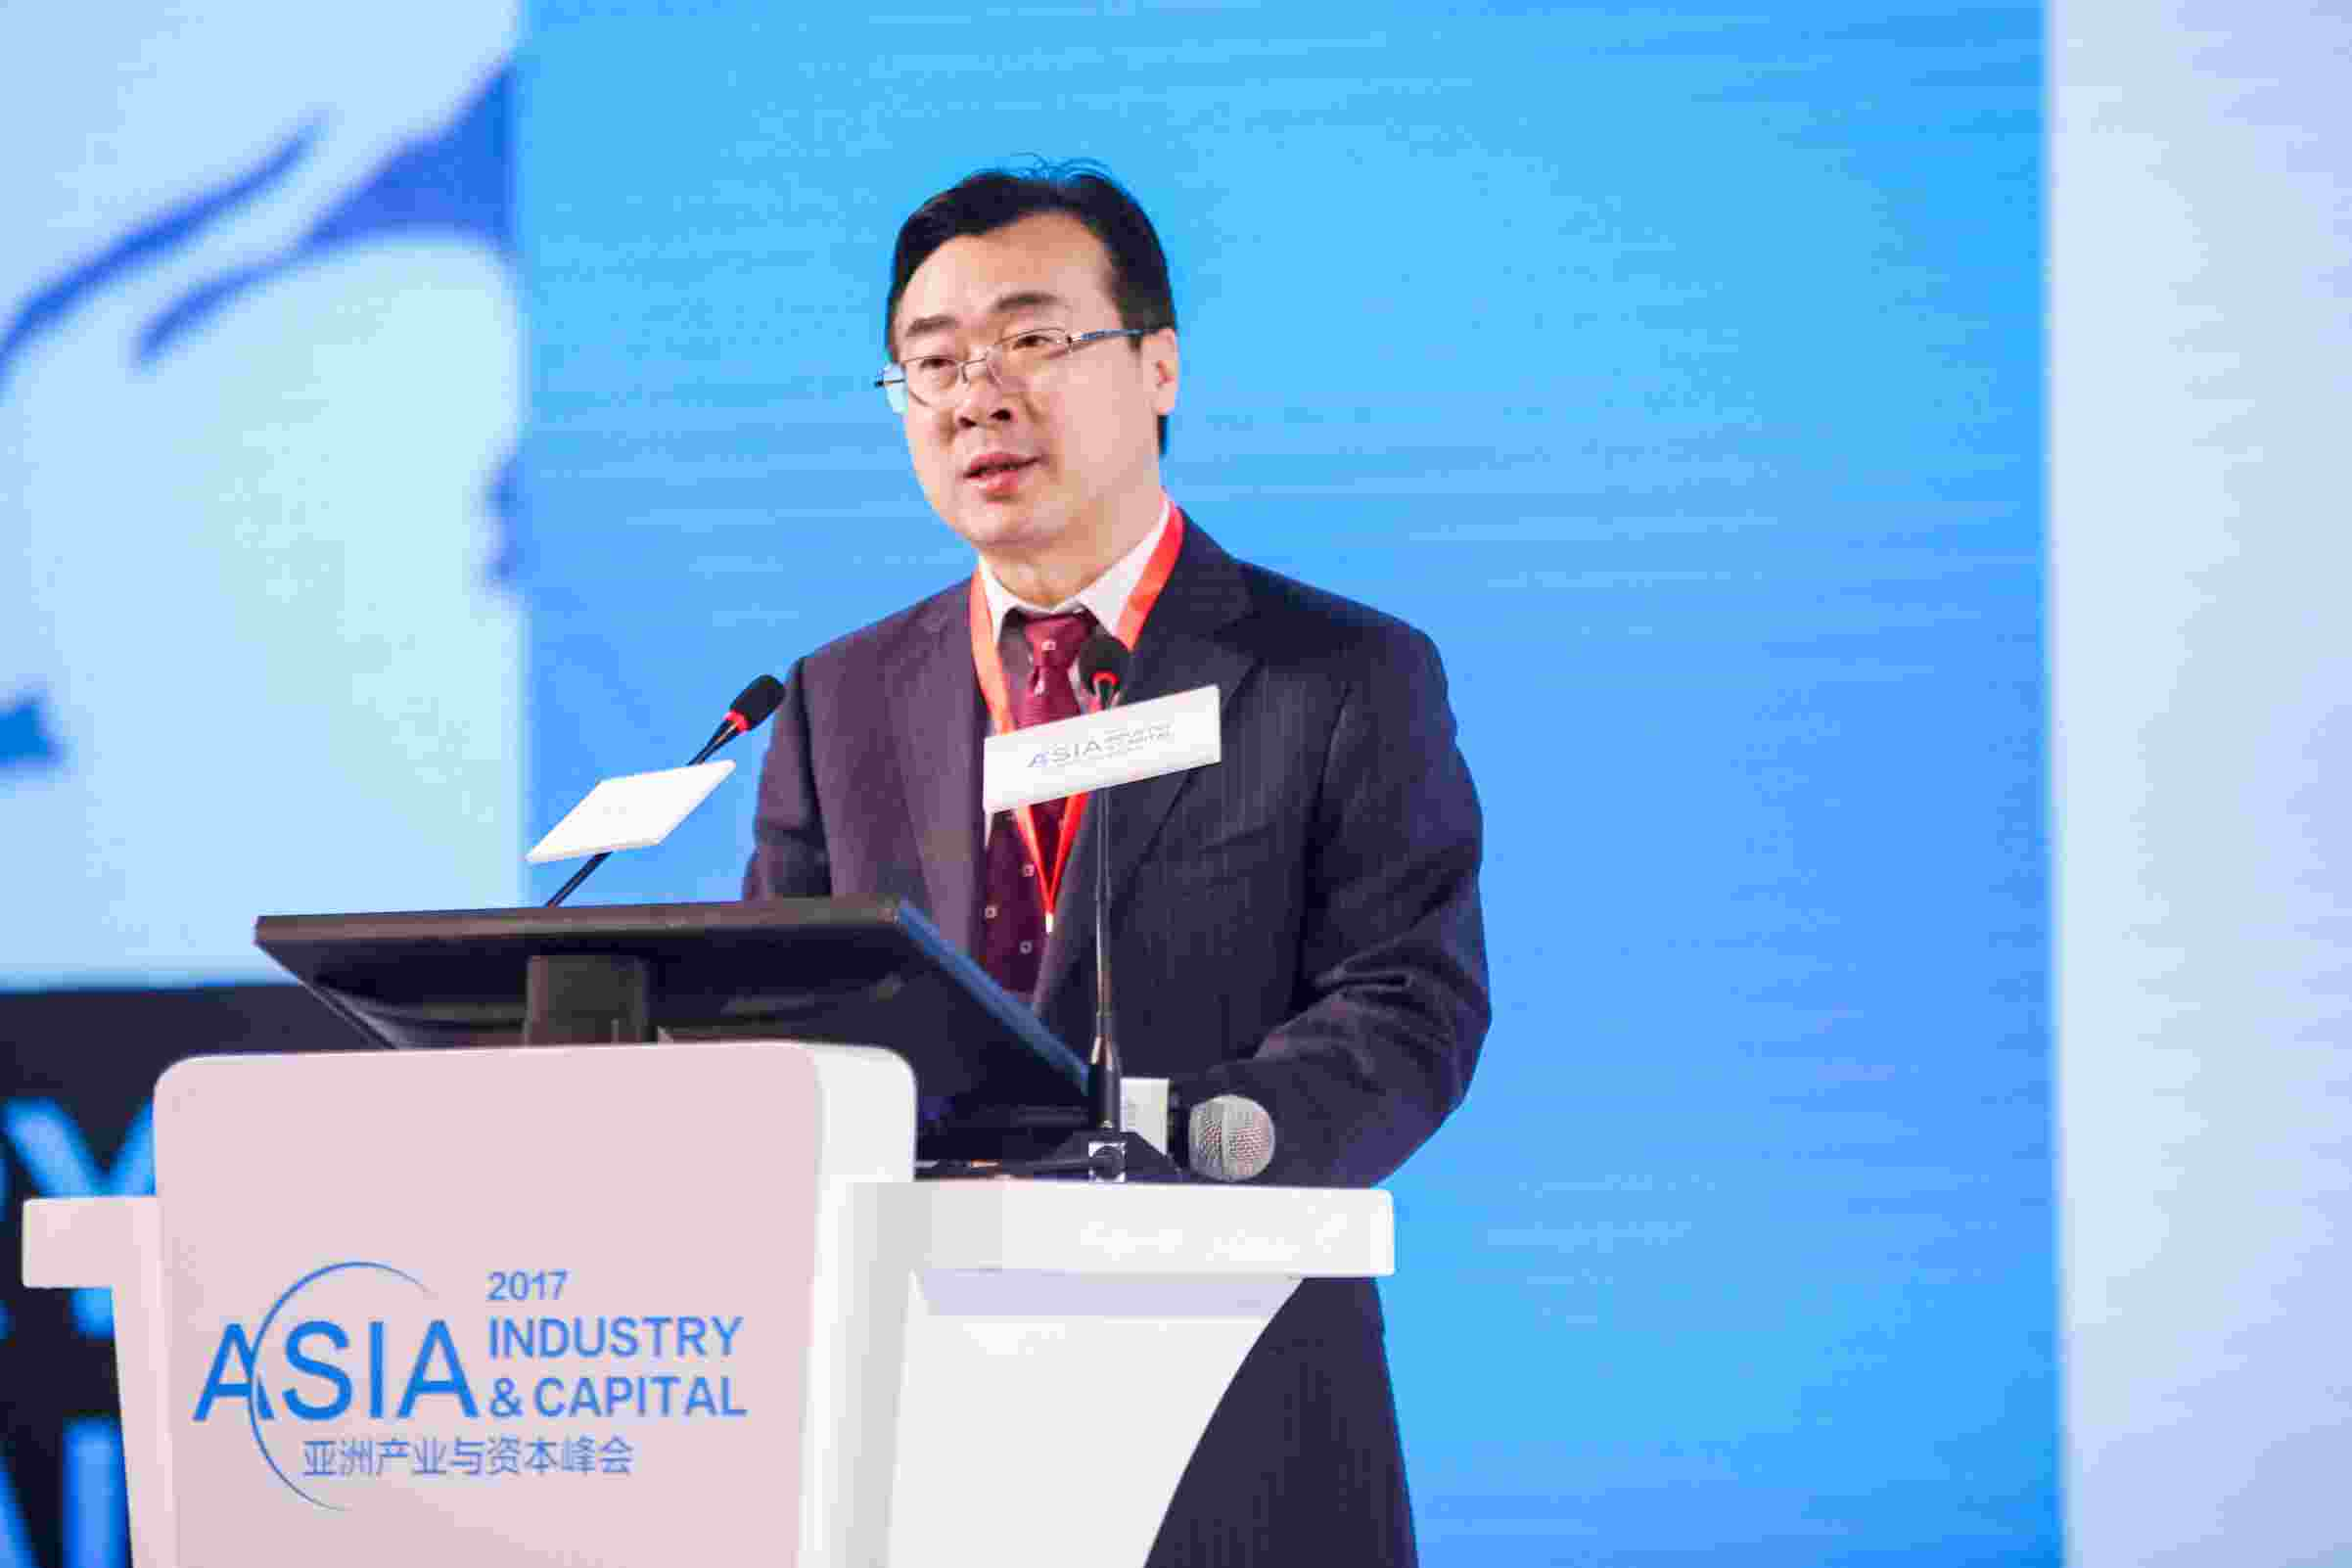 王义军:新时代需要新经济 新动能创造新机遇